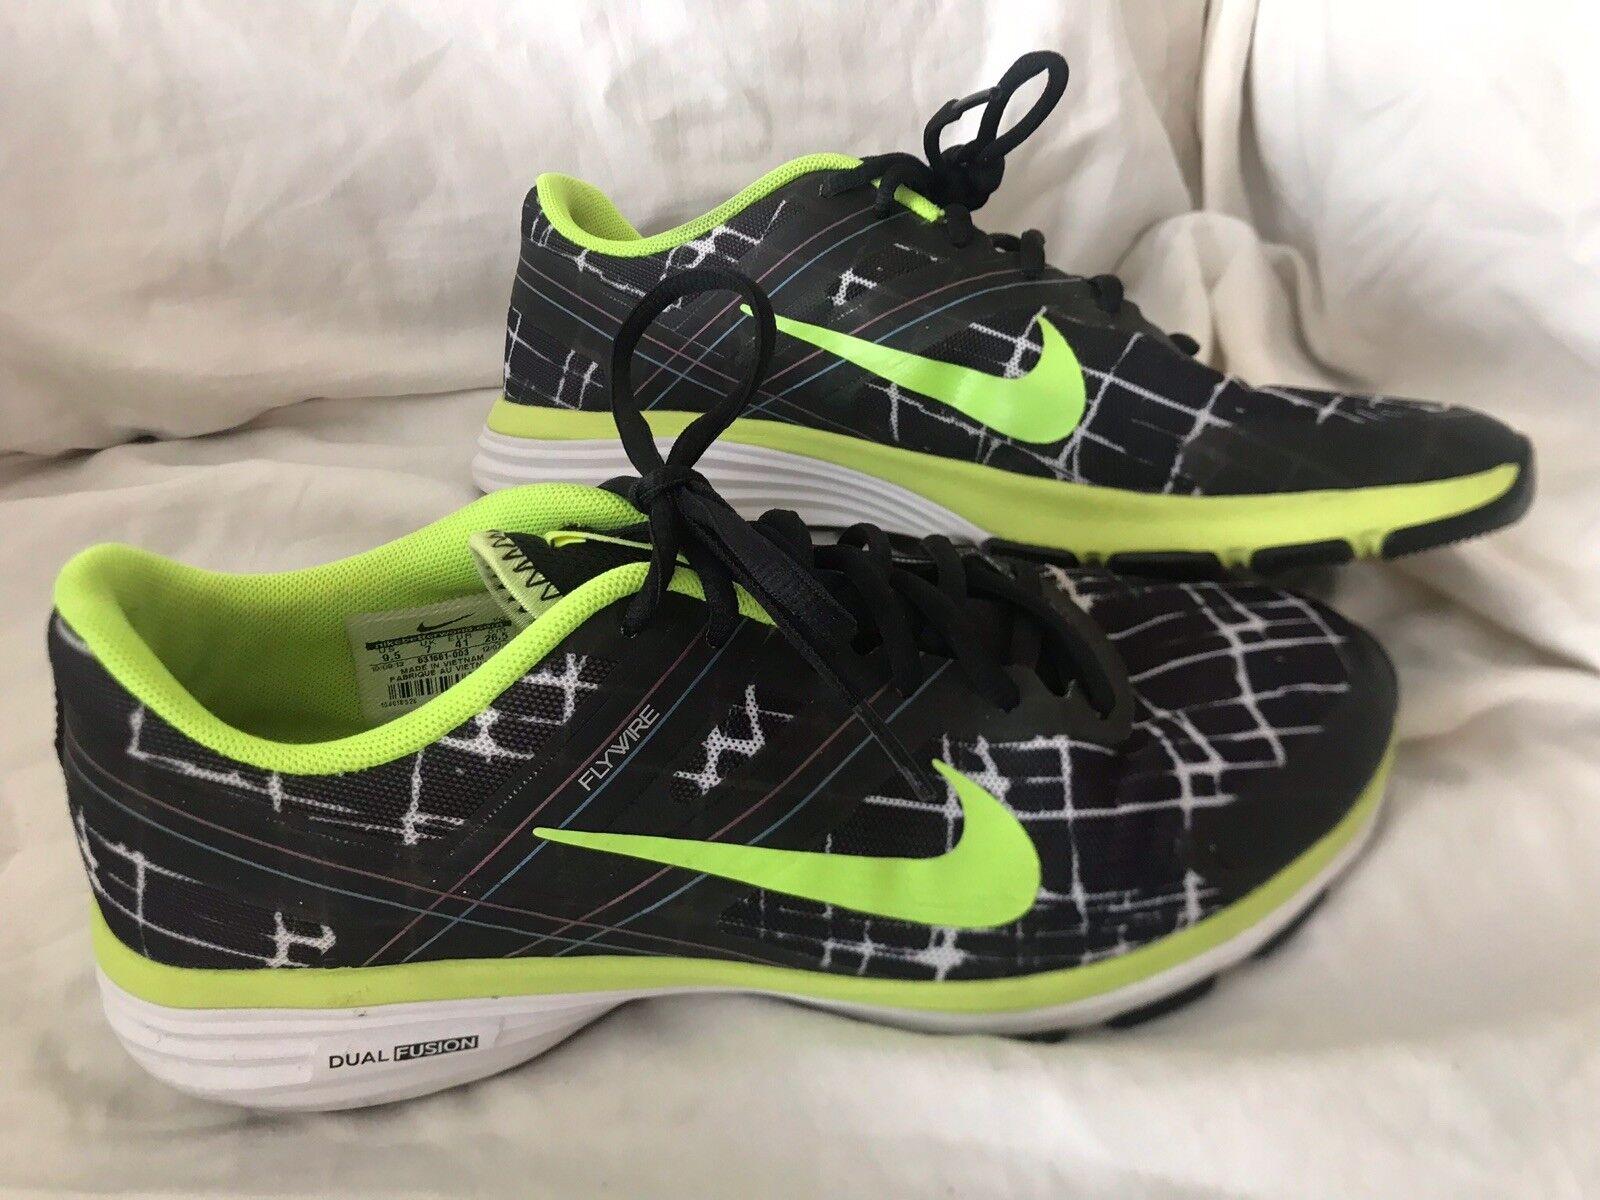 nike da donna flywire formazione scarpe da tennis tennis tennis dimensioni 9.5 nero / verde lime | In Uso Durevole  | Up-to-date Styling  | Meraviglioso  | Uomo/Donna Scarpa  72b6d8